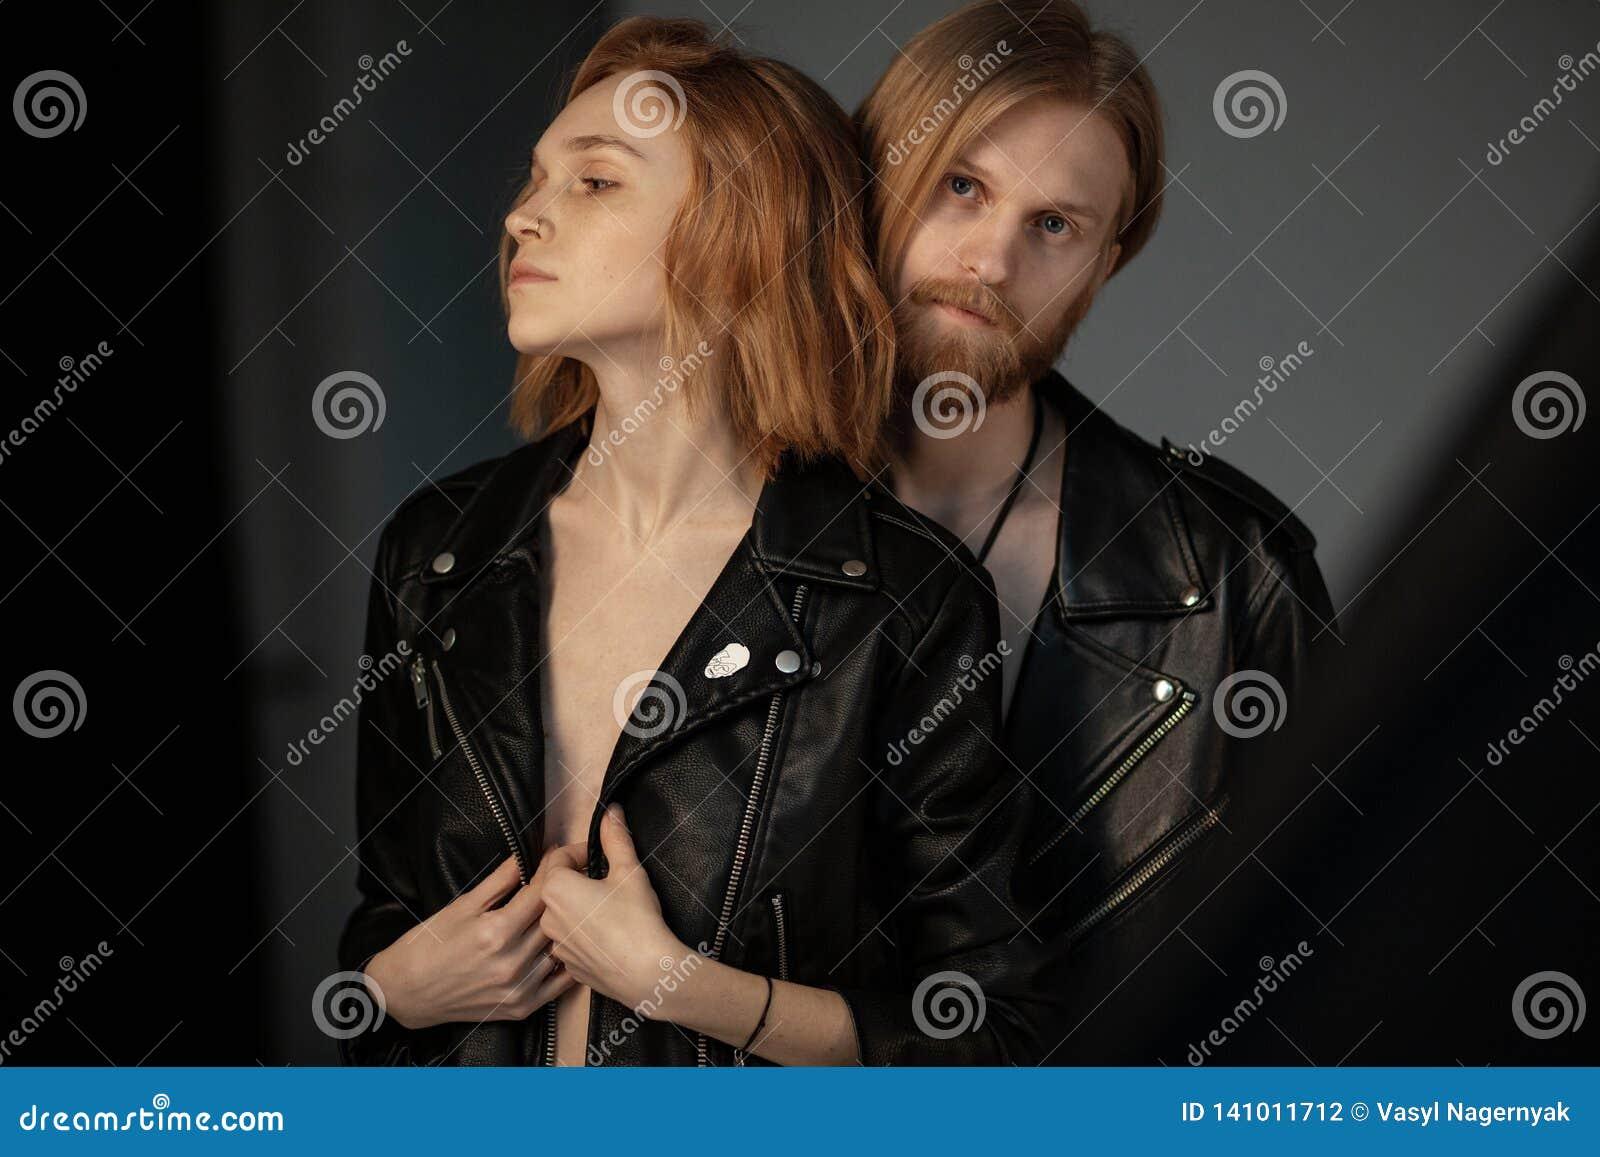 Γενειοφόρος νεαρός άνδρας με τη μακριά καφετιά τρίχα στο σακάκι δέρματος που στέκεται behinde την όμορφη φίλη του